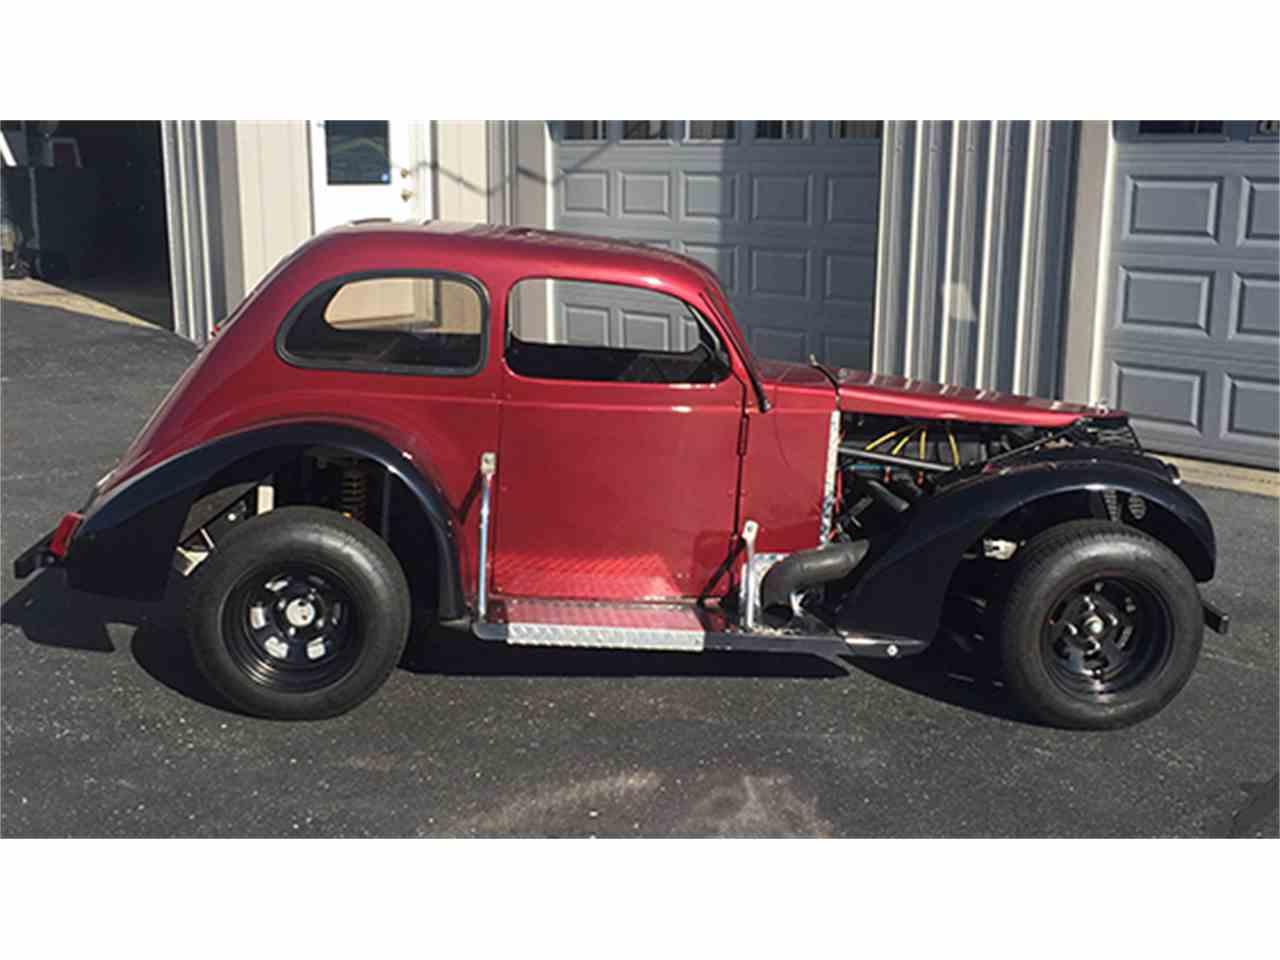 1937 ford legends street legal race car for sale cc 979111. Black Bedroom Furniture Sets. Home Design Ideas